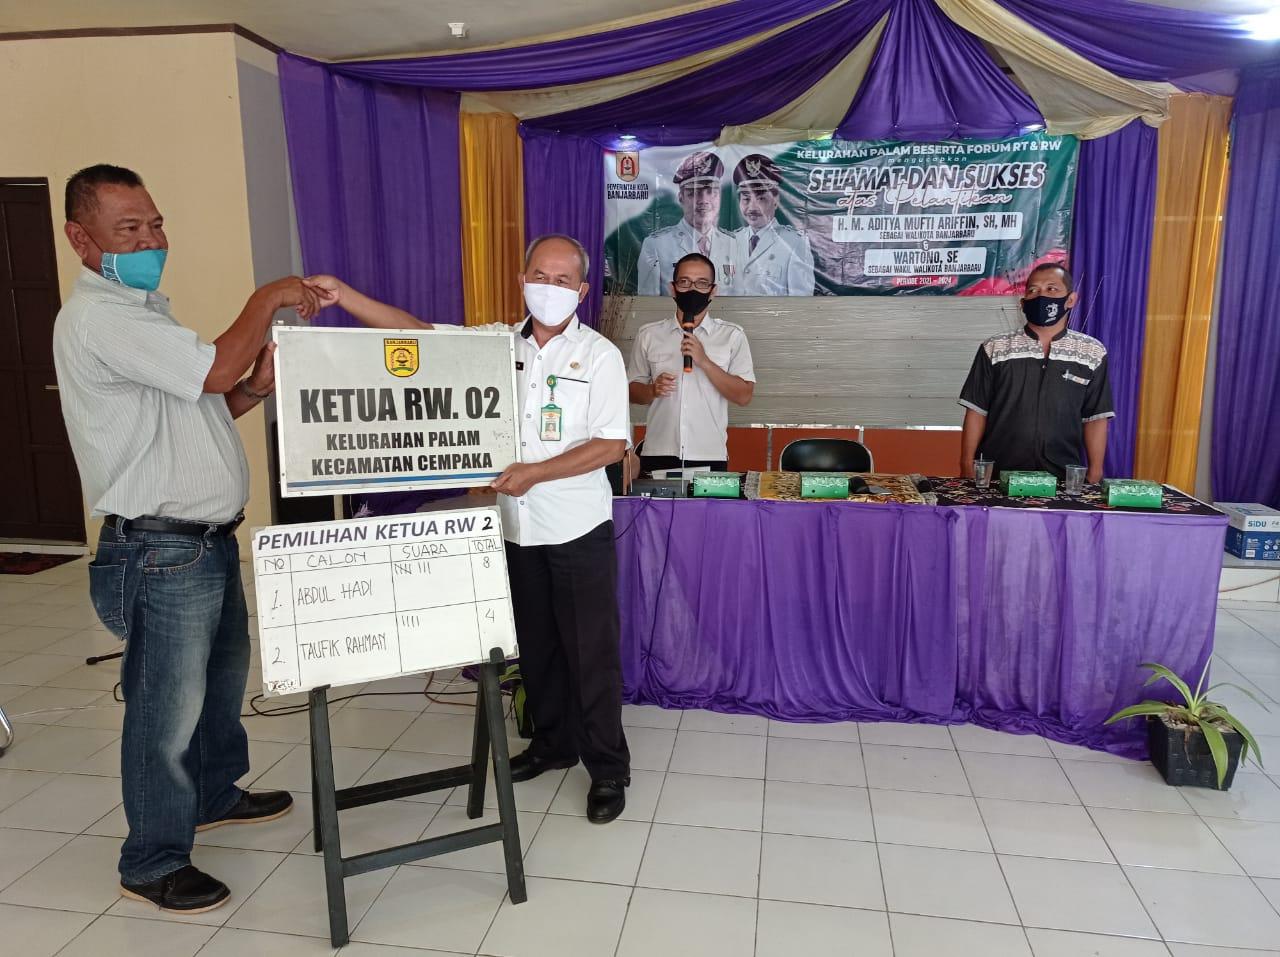 Pemilihan Ketua RW.002 Kelurahan Palam